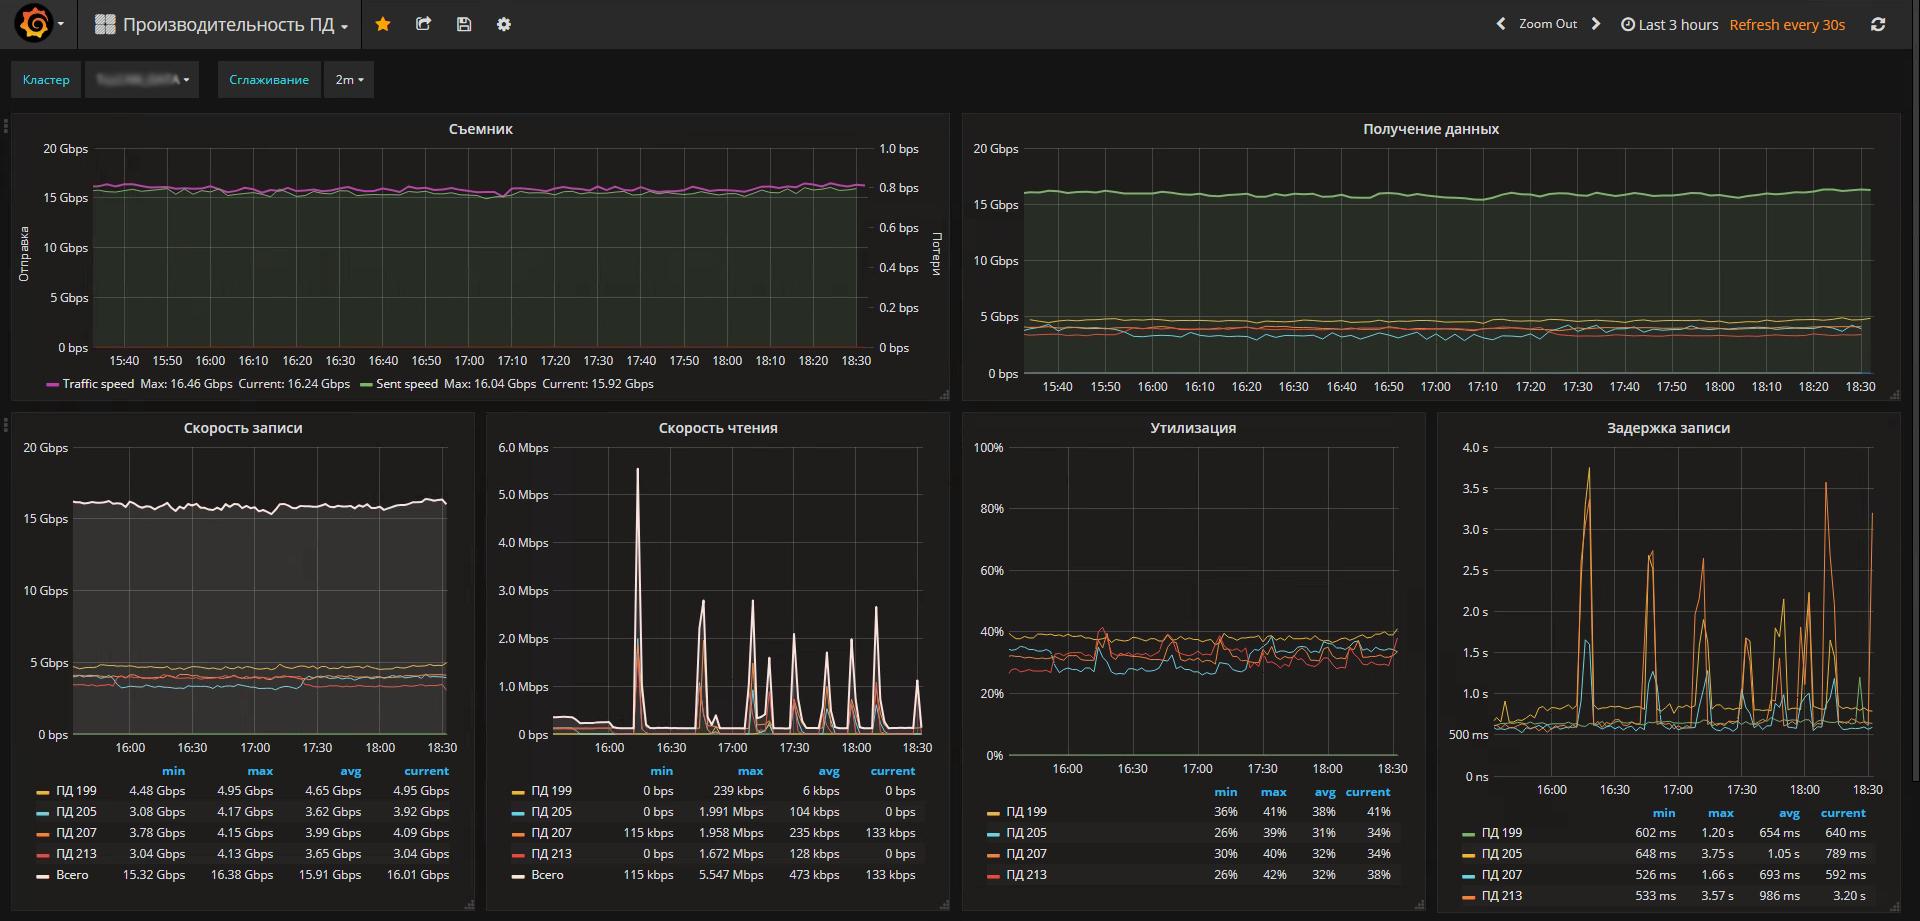 Мониторинг производительности дисковой подсистемы при помощи zabbix и block stat - 1